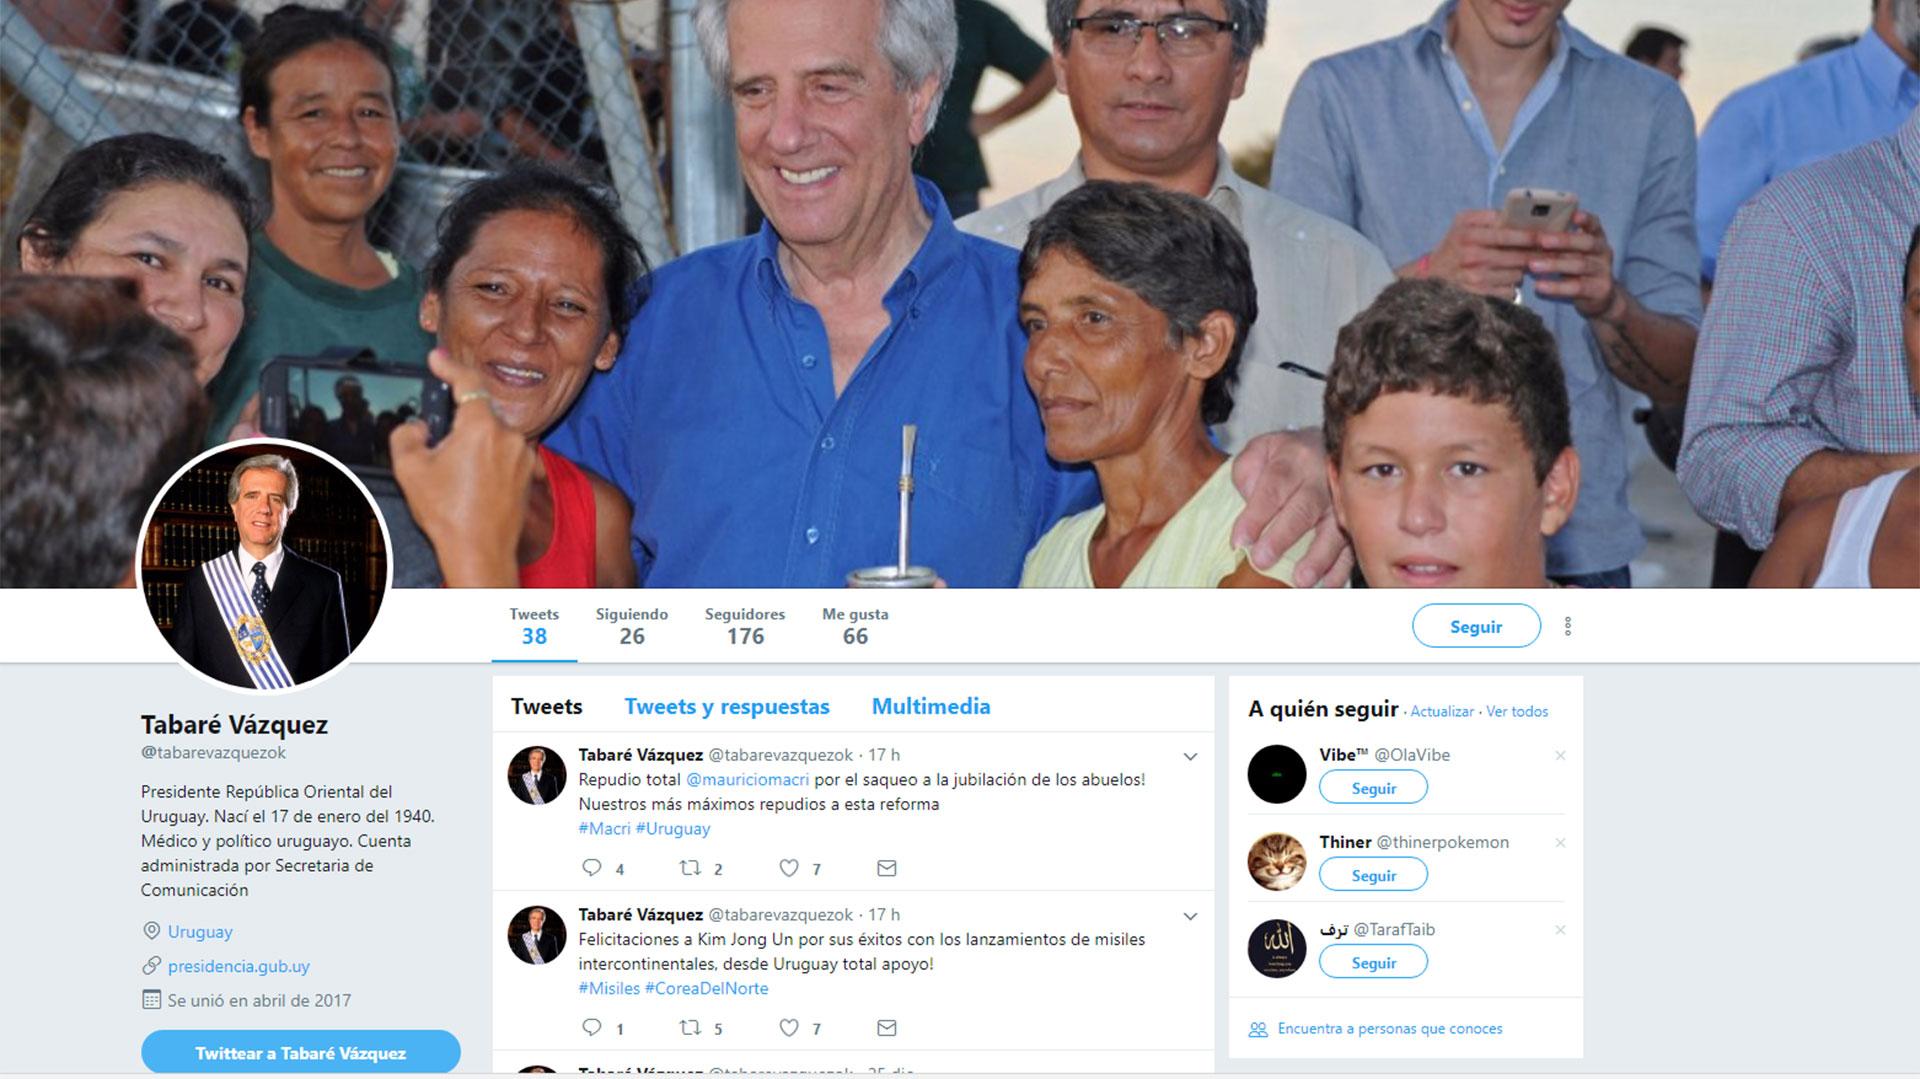 El perfil de la cuenta falsa de Tabaré Vázquez en Twitter y que denunció el gobierno uruguayo